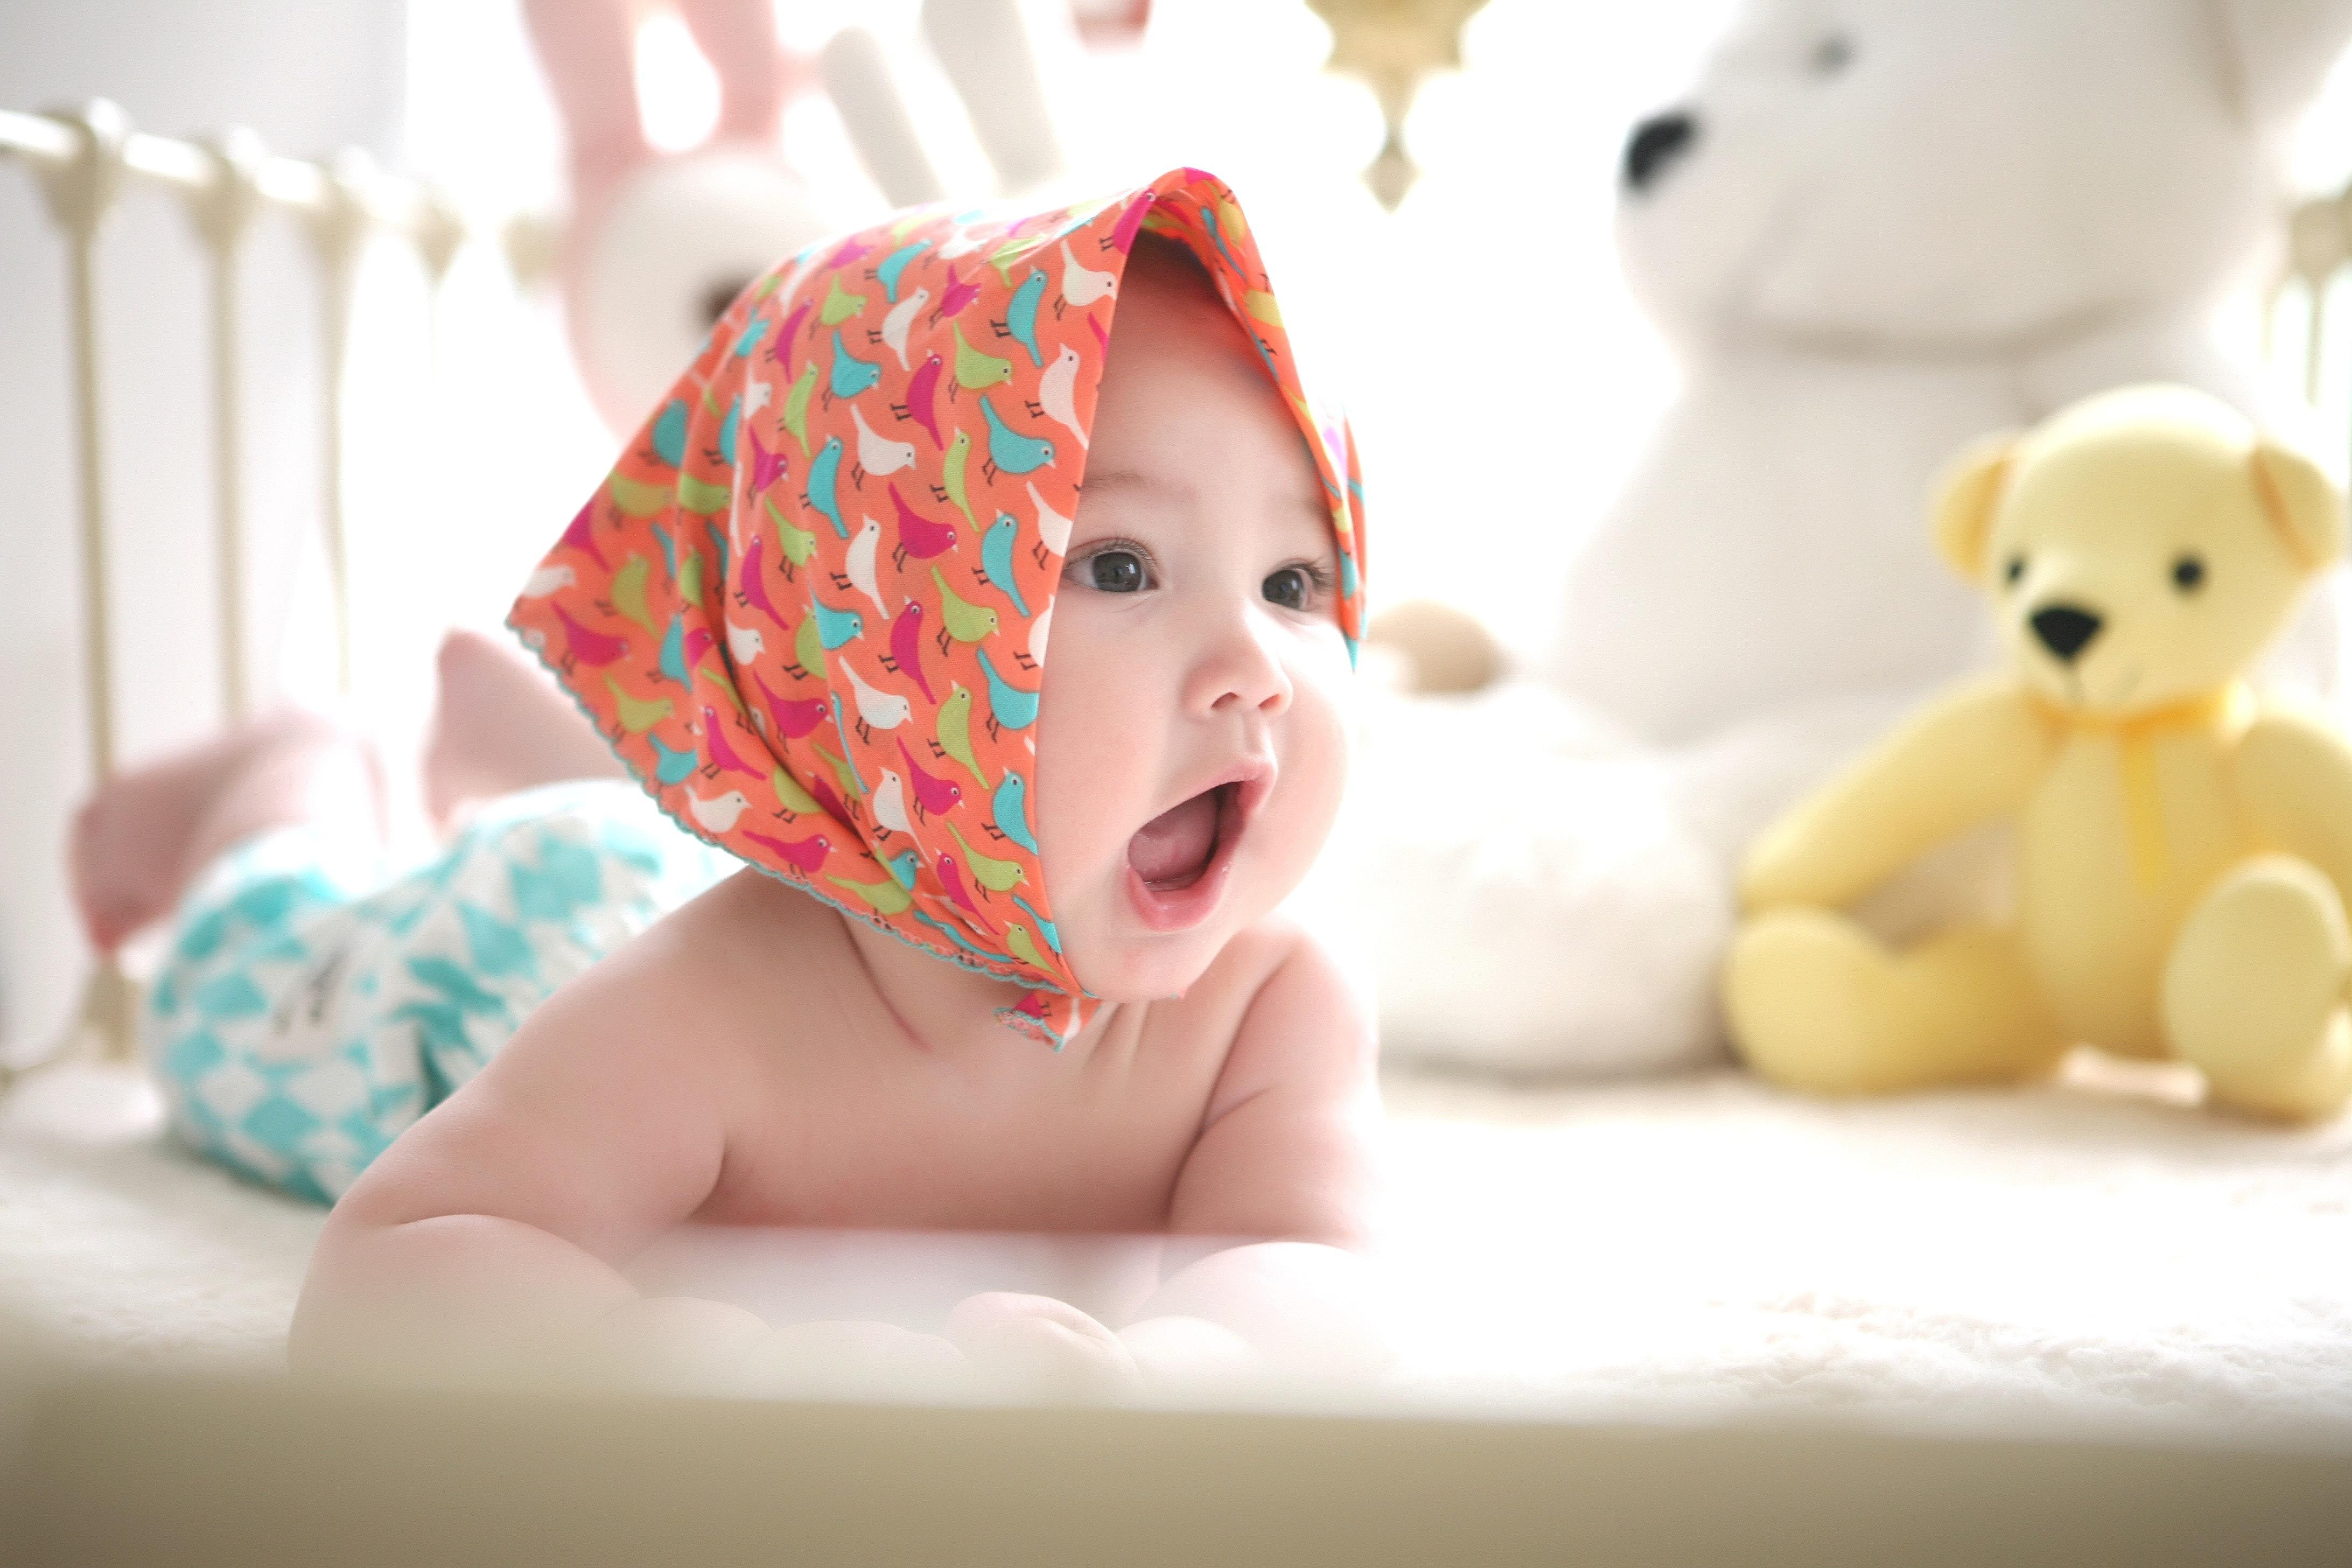 Sindromul morții infantile subite după un vaccin